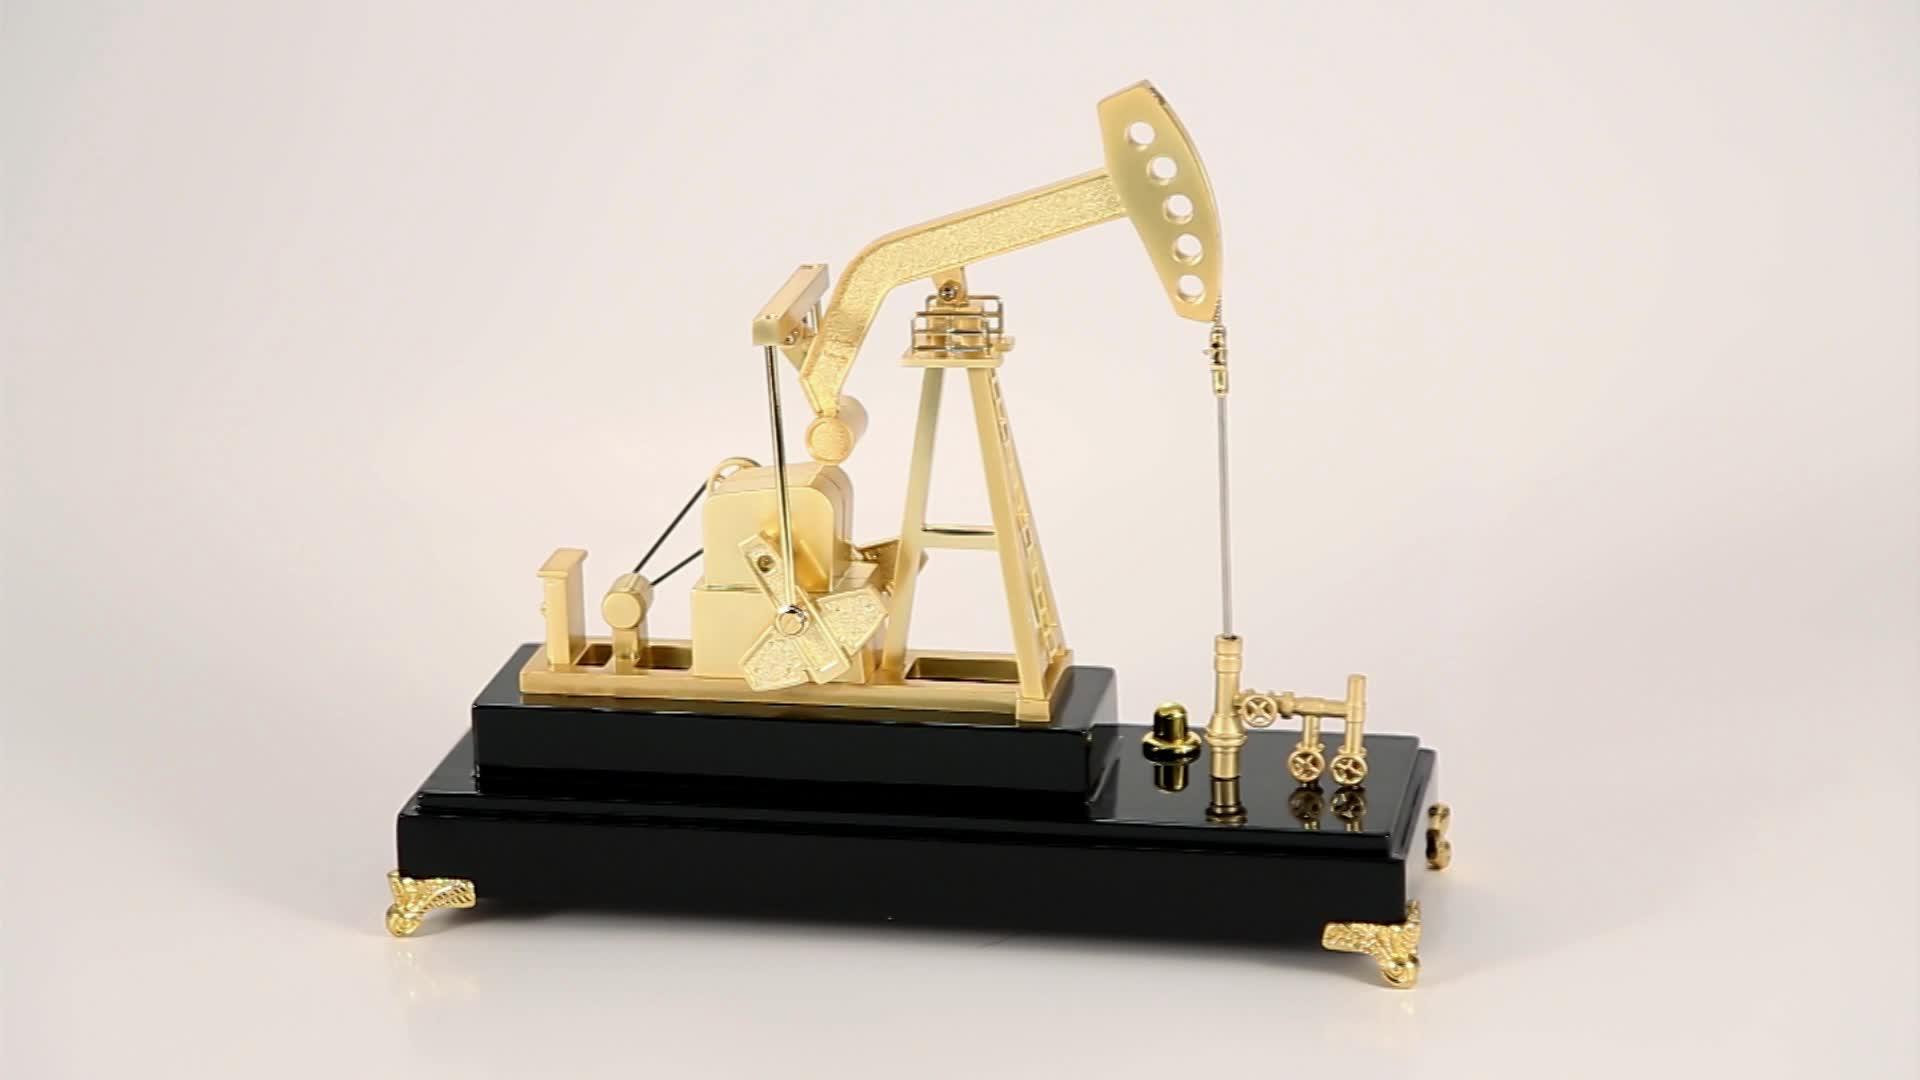 해양 플랫폼 황금 오일 기계 선물 유리 커버